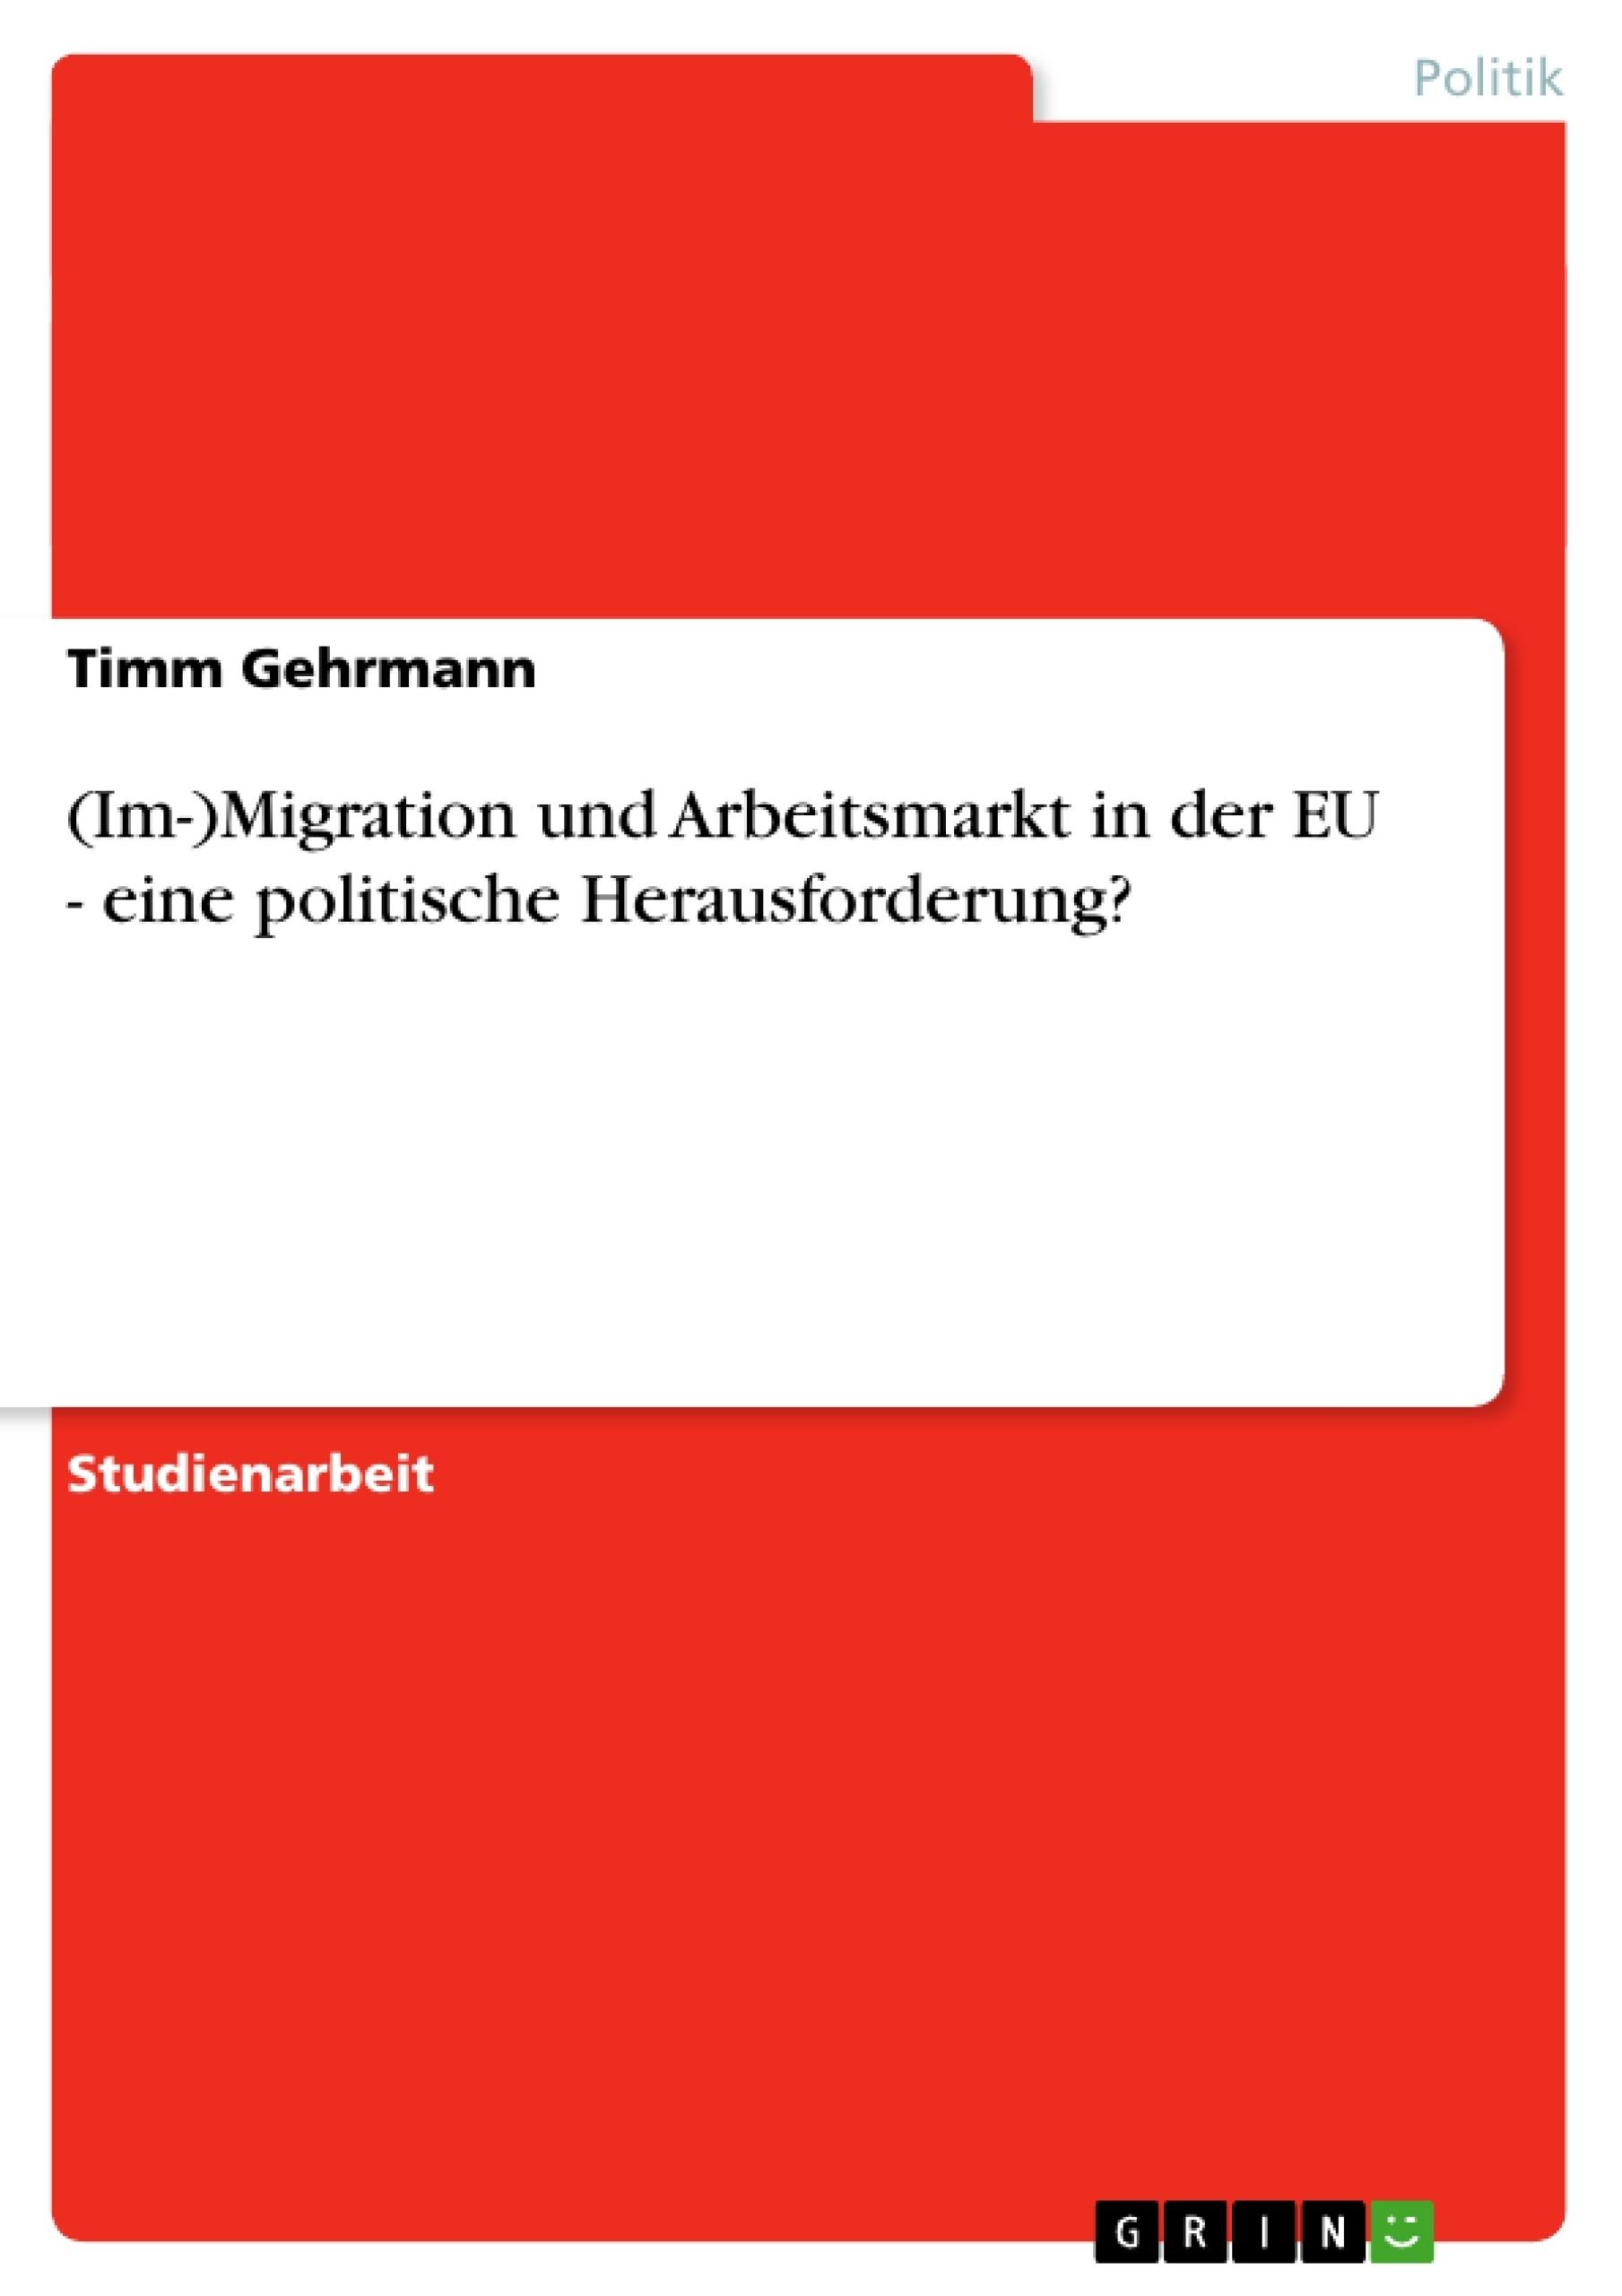 Titel: (Im-)Migration und Arbeitsmarkt in der EU - eine politische Herausforderung?